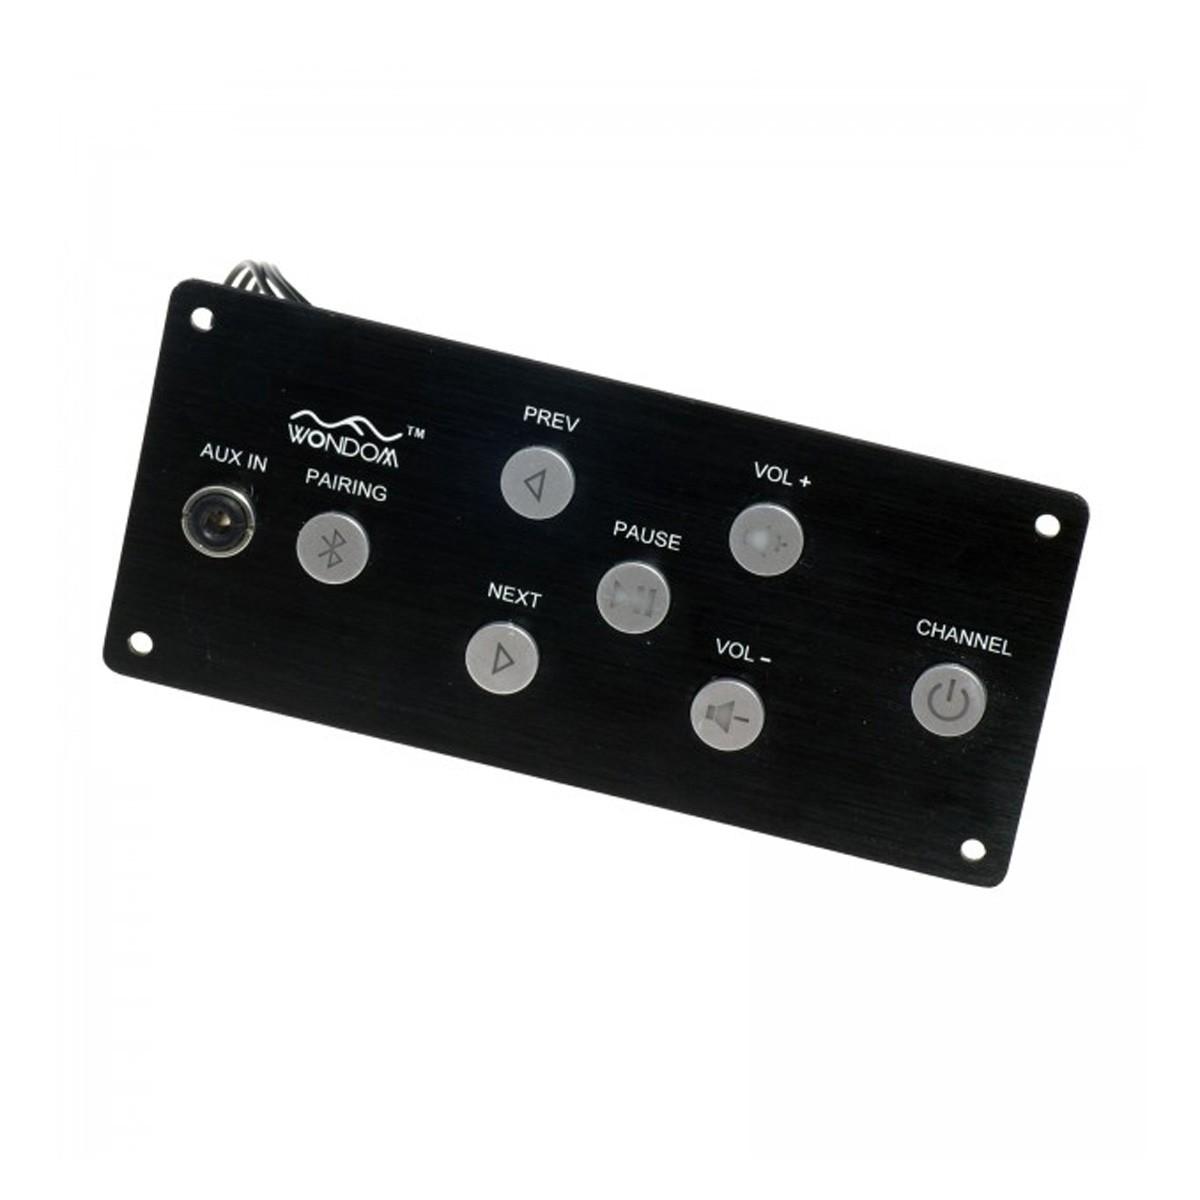 WONDOM BRB6P Récepteur Bluetooth 4.0 aptX CSR8645 avec Panneau de Contrôle